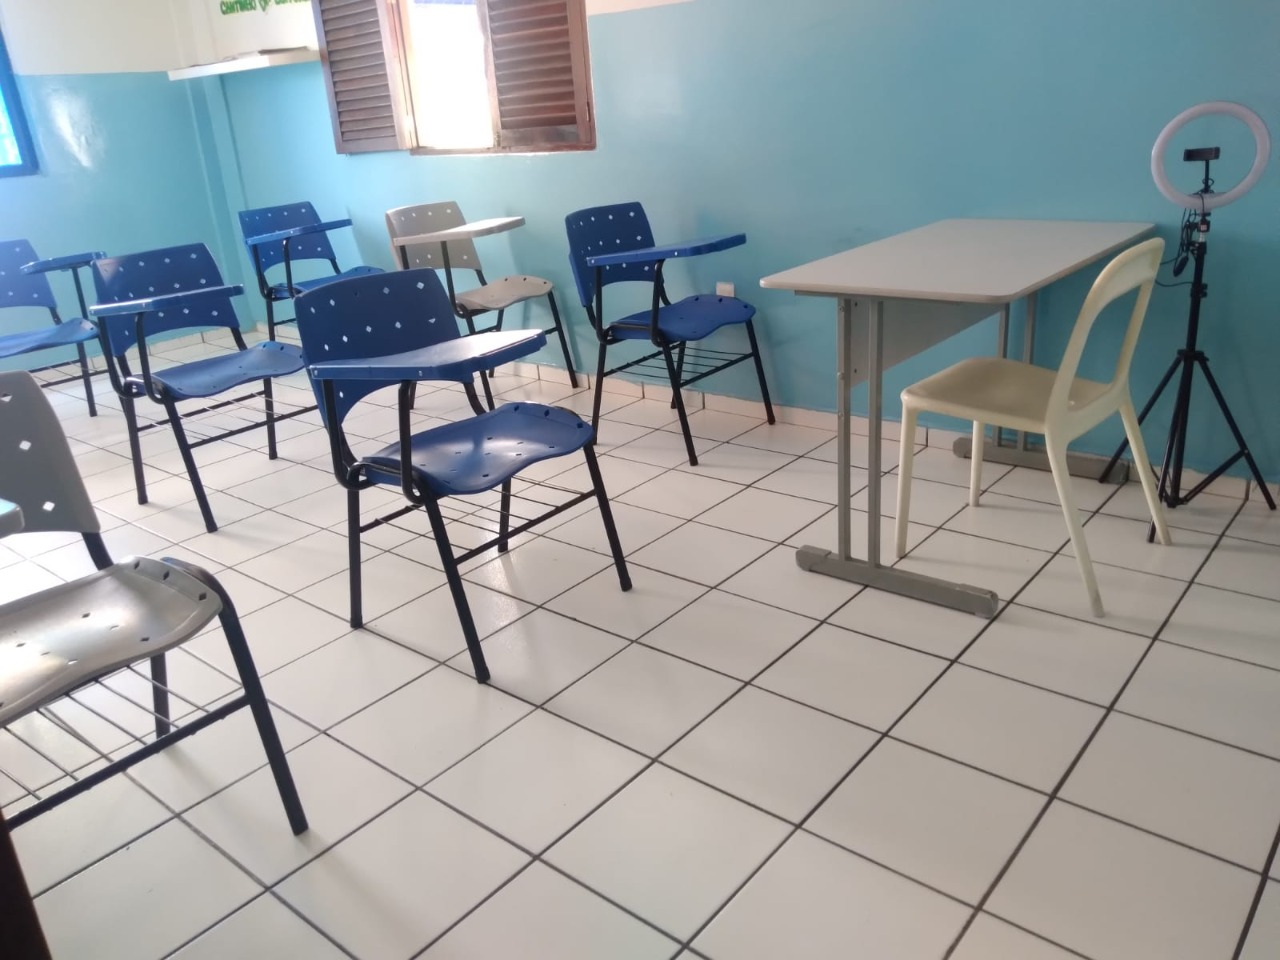 WhatsApp Image 2021 09 02 at 11.36.27 - Bar é autuado e três escolas são notificadas por descumprirem decreto contra a Covid-19 em João Pessoa